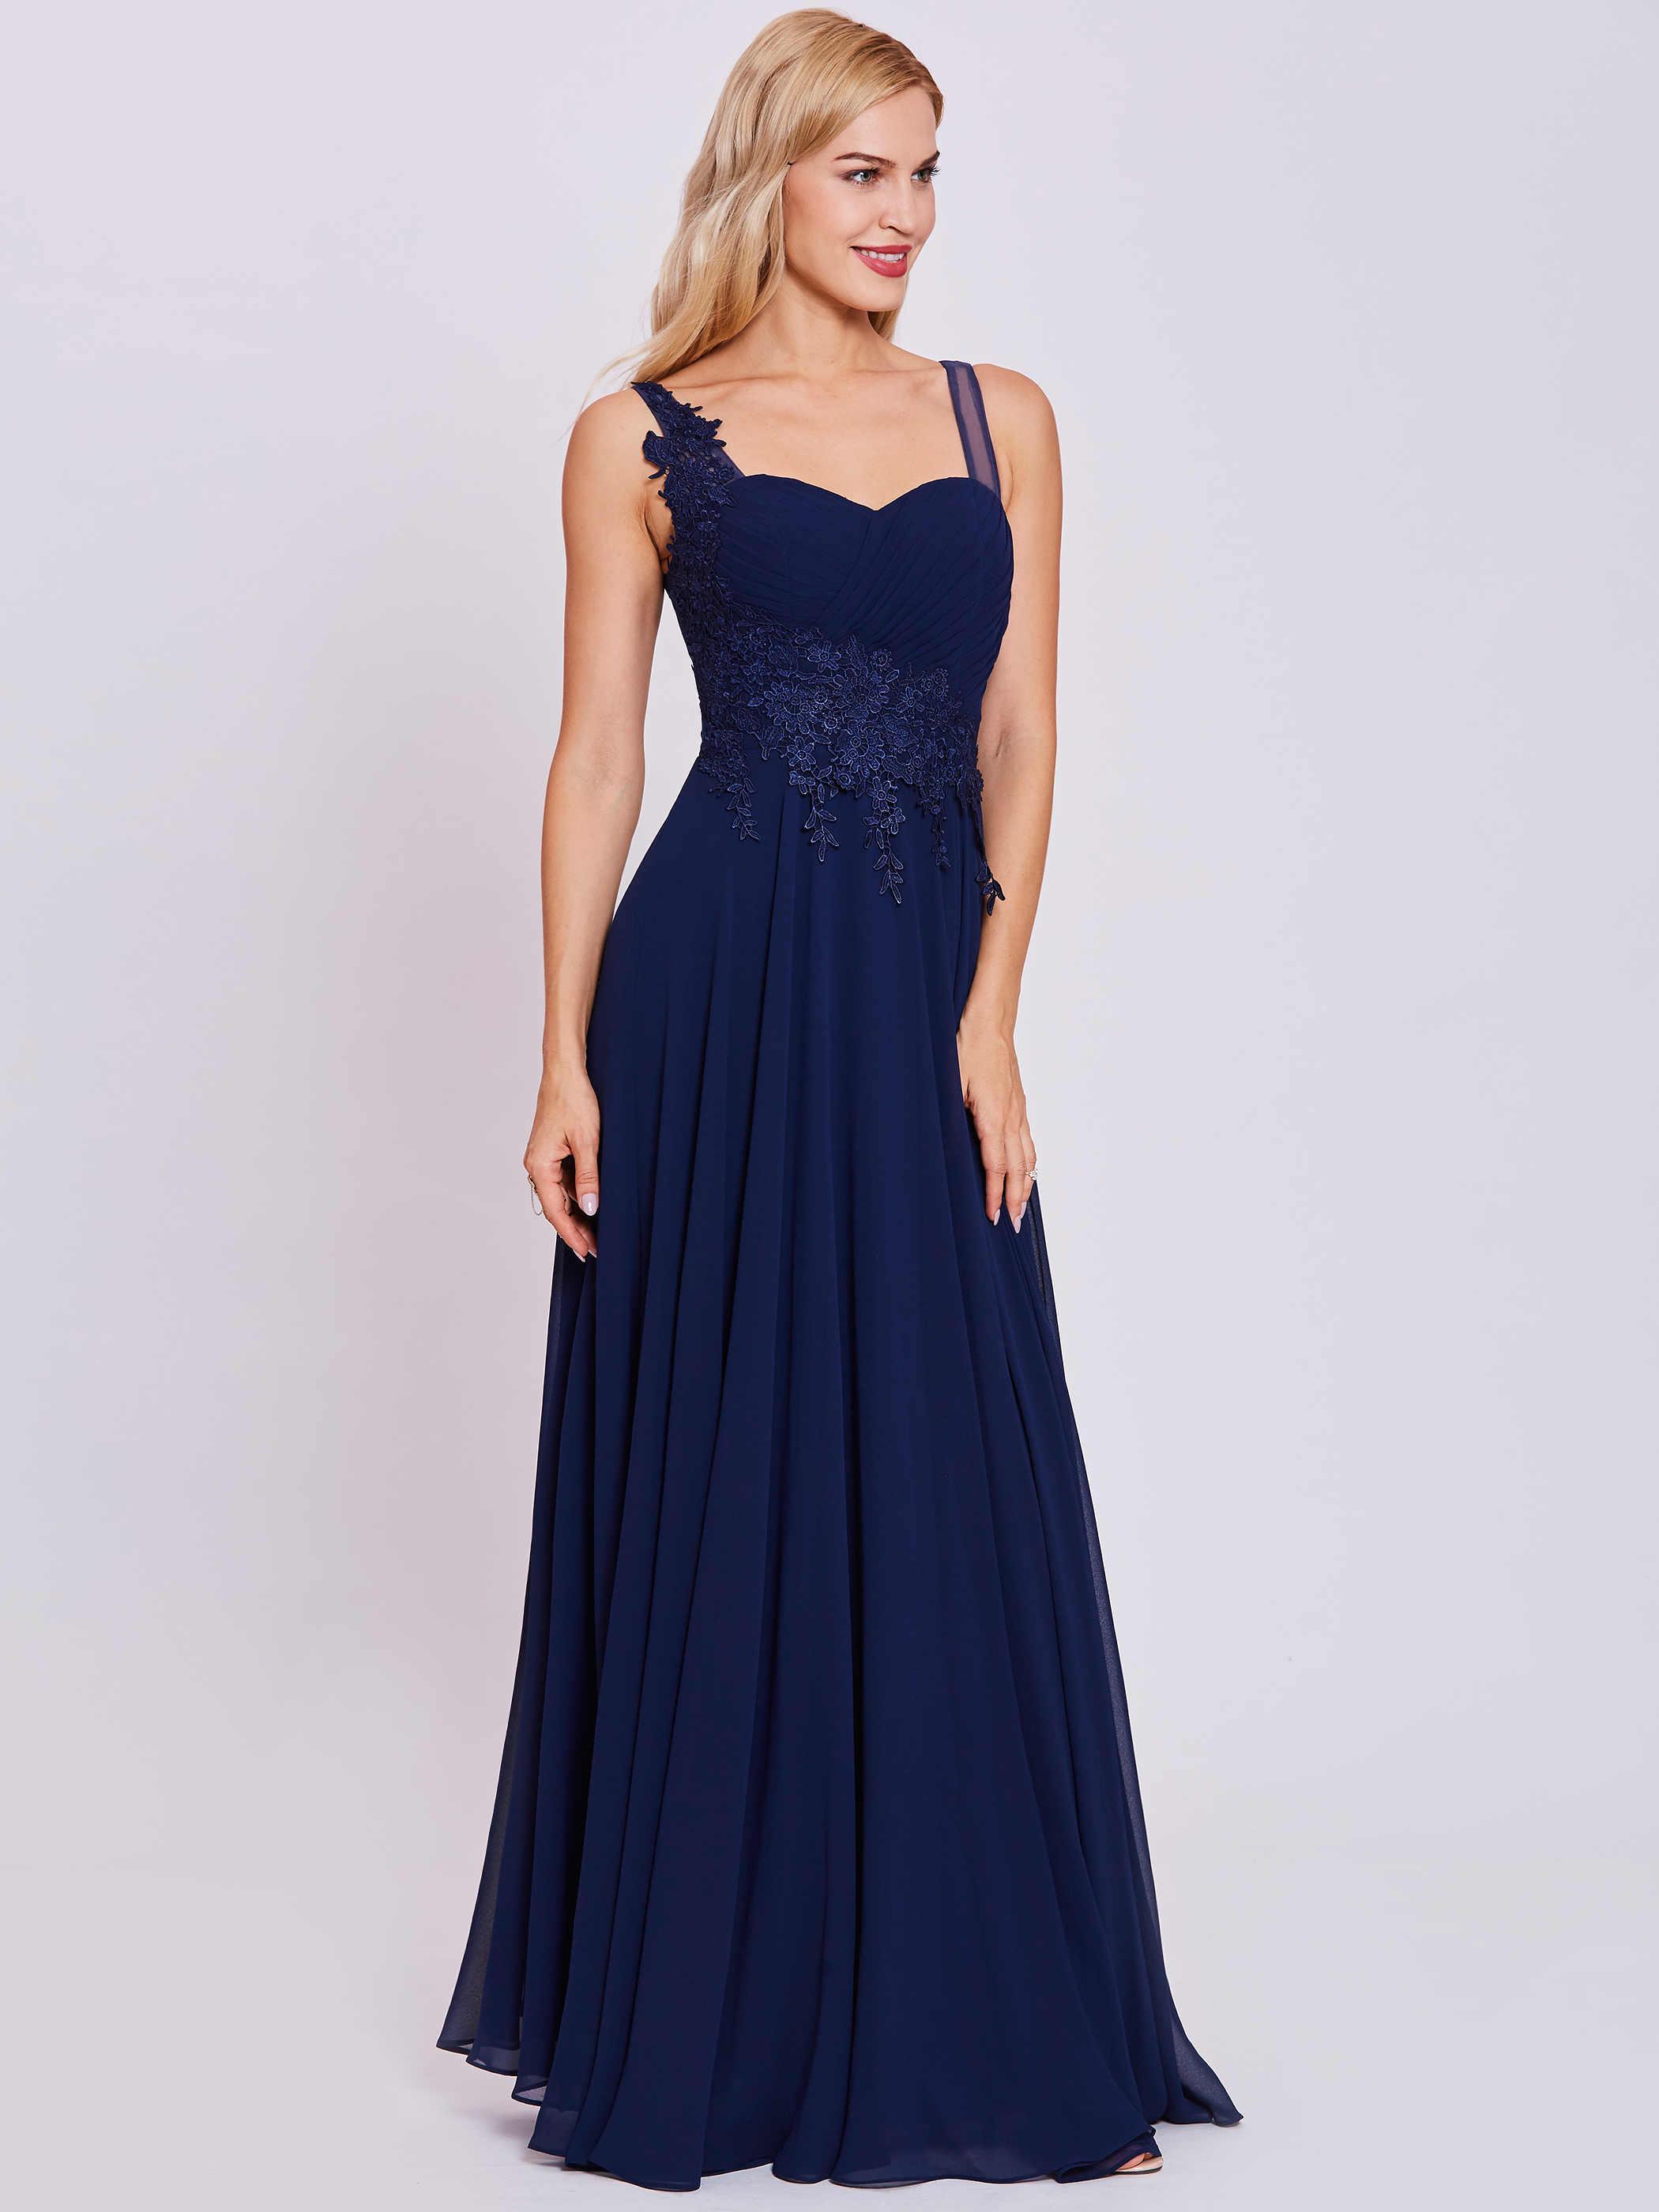 Dressv الأشرطة مساء اللباس الأزرق الملكي الداكن بلا أكمام طول الكلمة خط ثوب رخيصة المرأة يزين فستان سهرة طويل رسمي